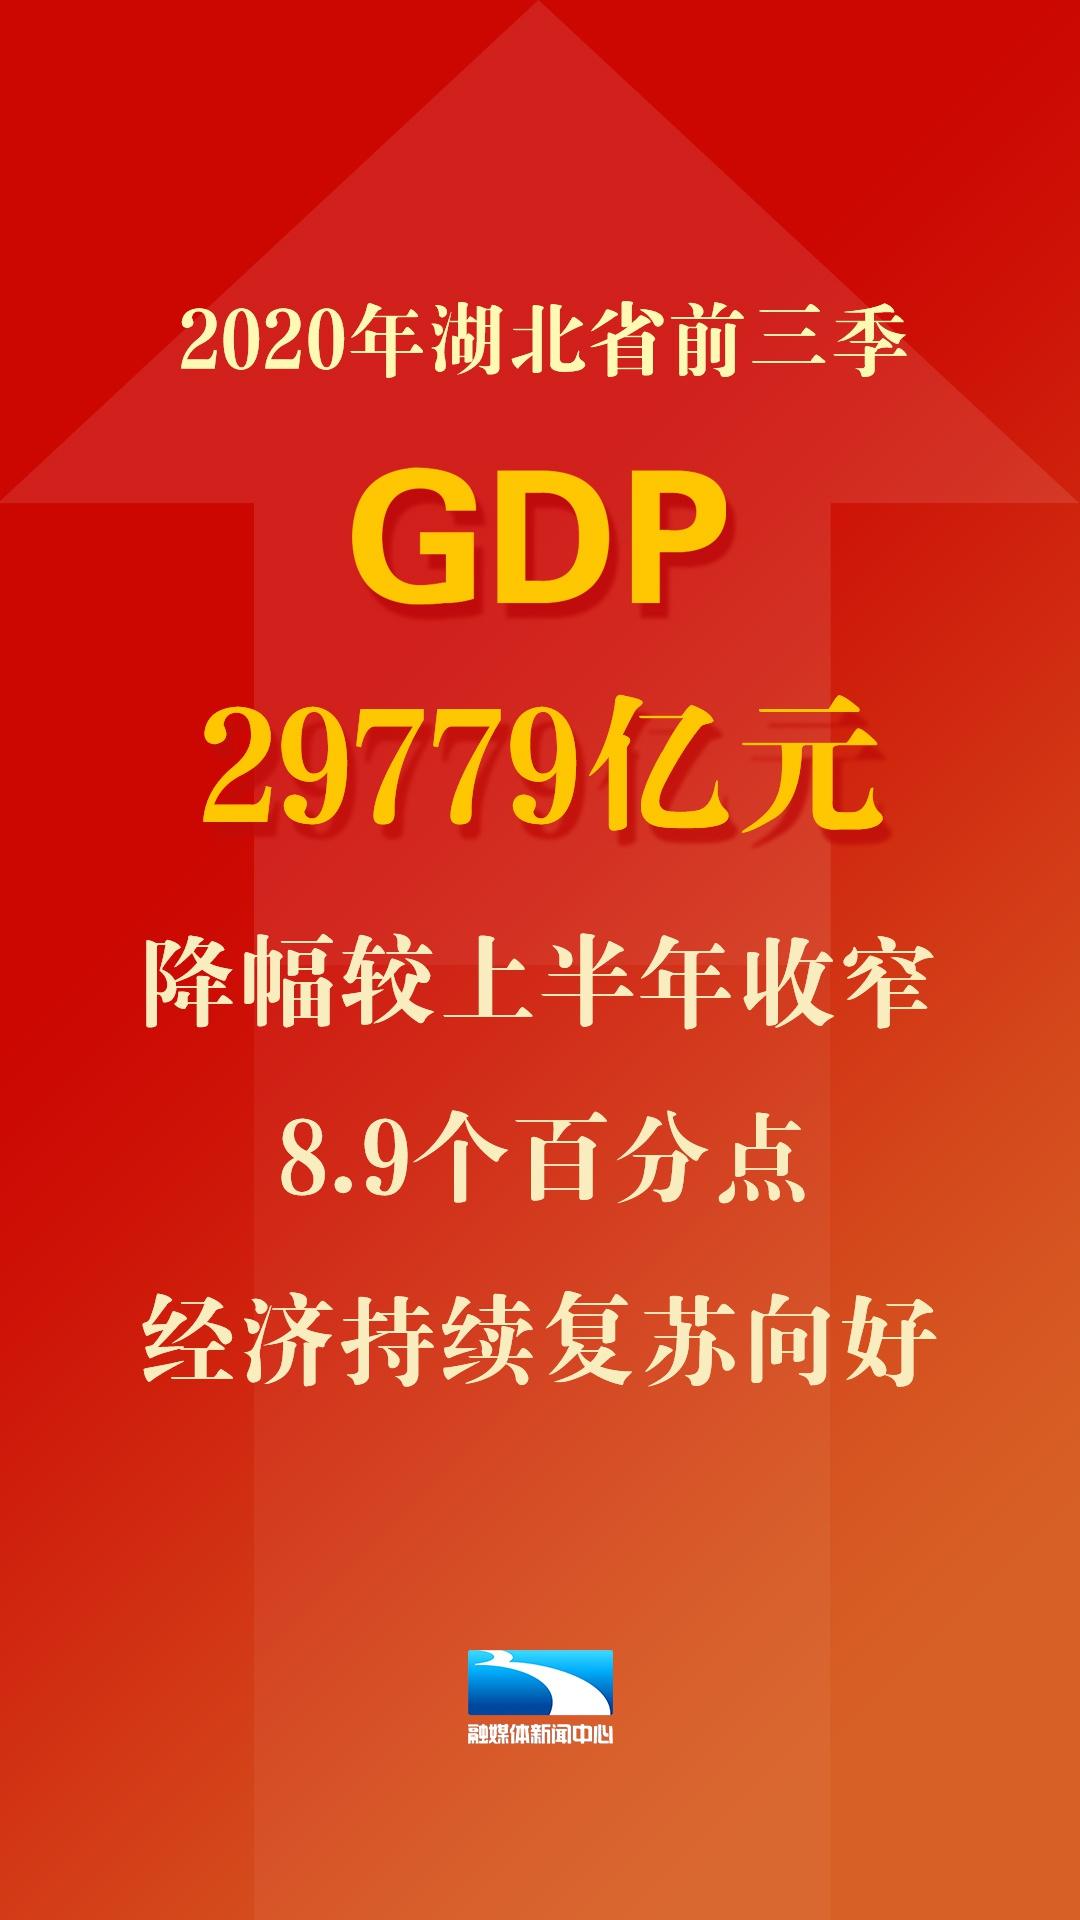 湖北第二季度gdp2020_2020年前三季度全国各省市GDP排行榜(完整版):安徽挤进前十西...